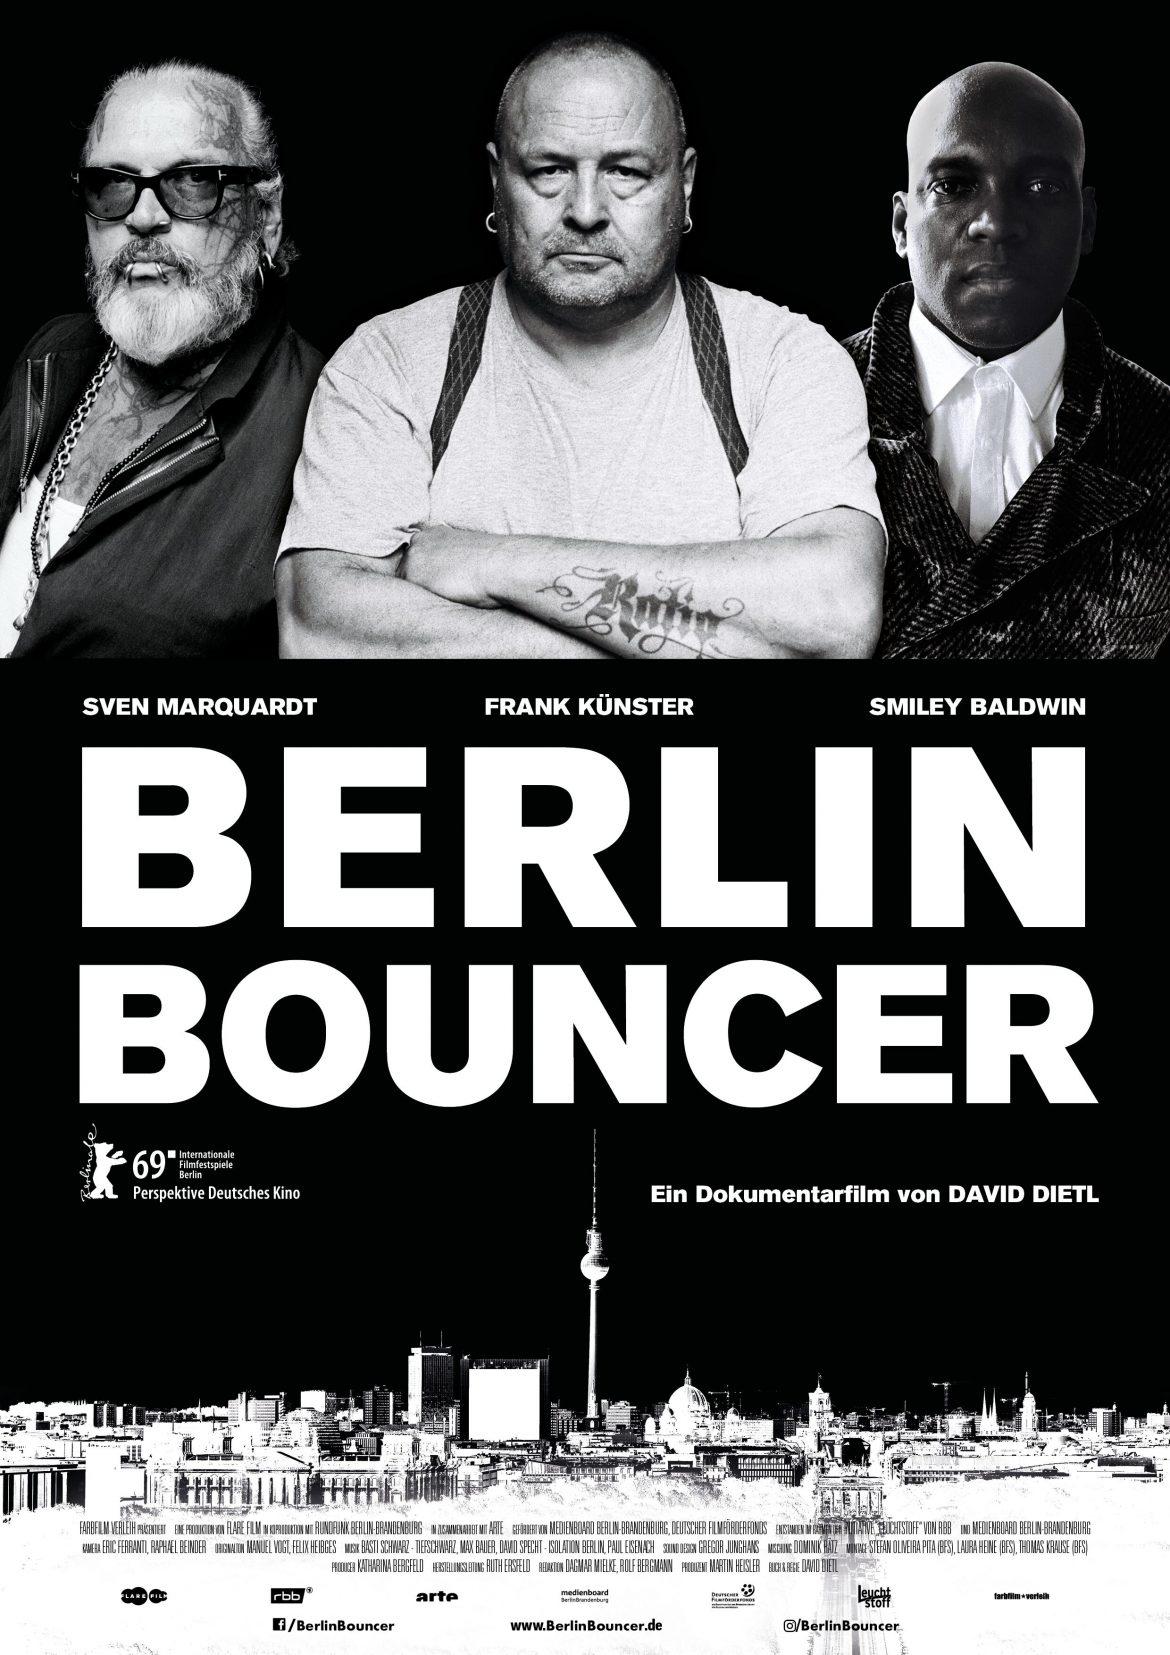 فيلم برلين باونسر الوثائقي باللغة الألمانية